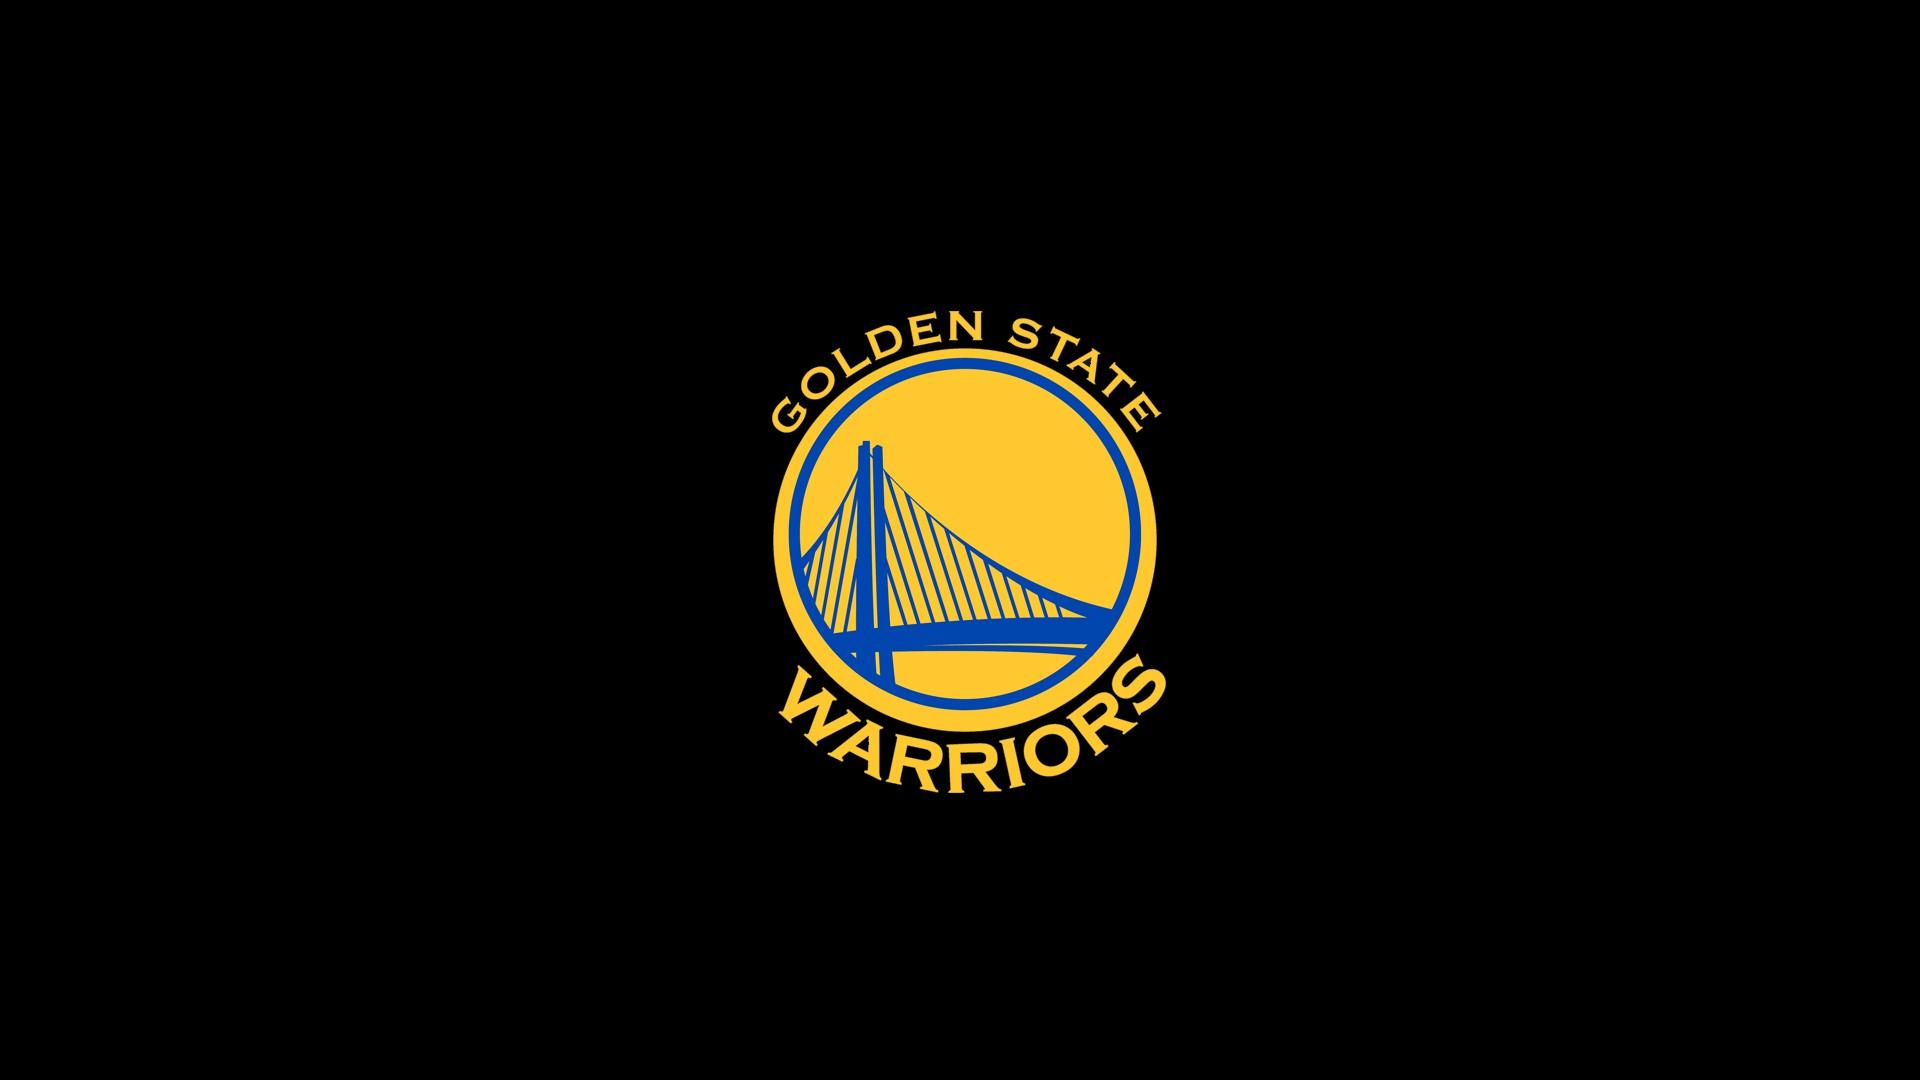 Golden State Warriors Logo Desktop Wallpapers 2019 Basketball 1920x1080